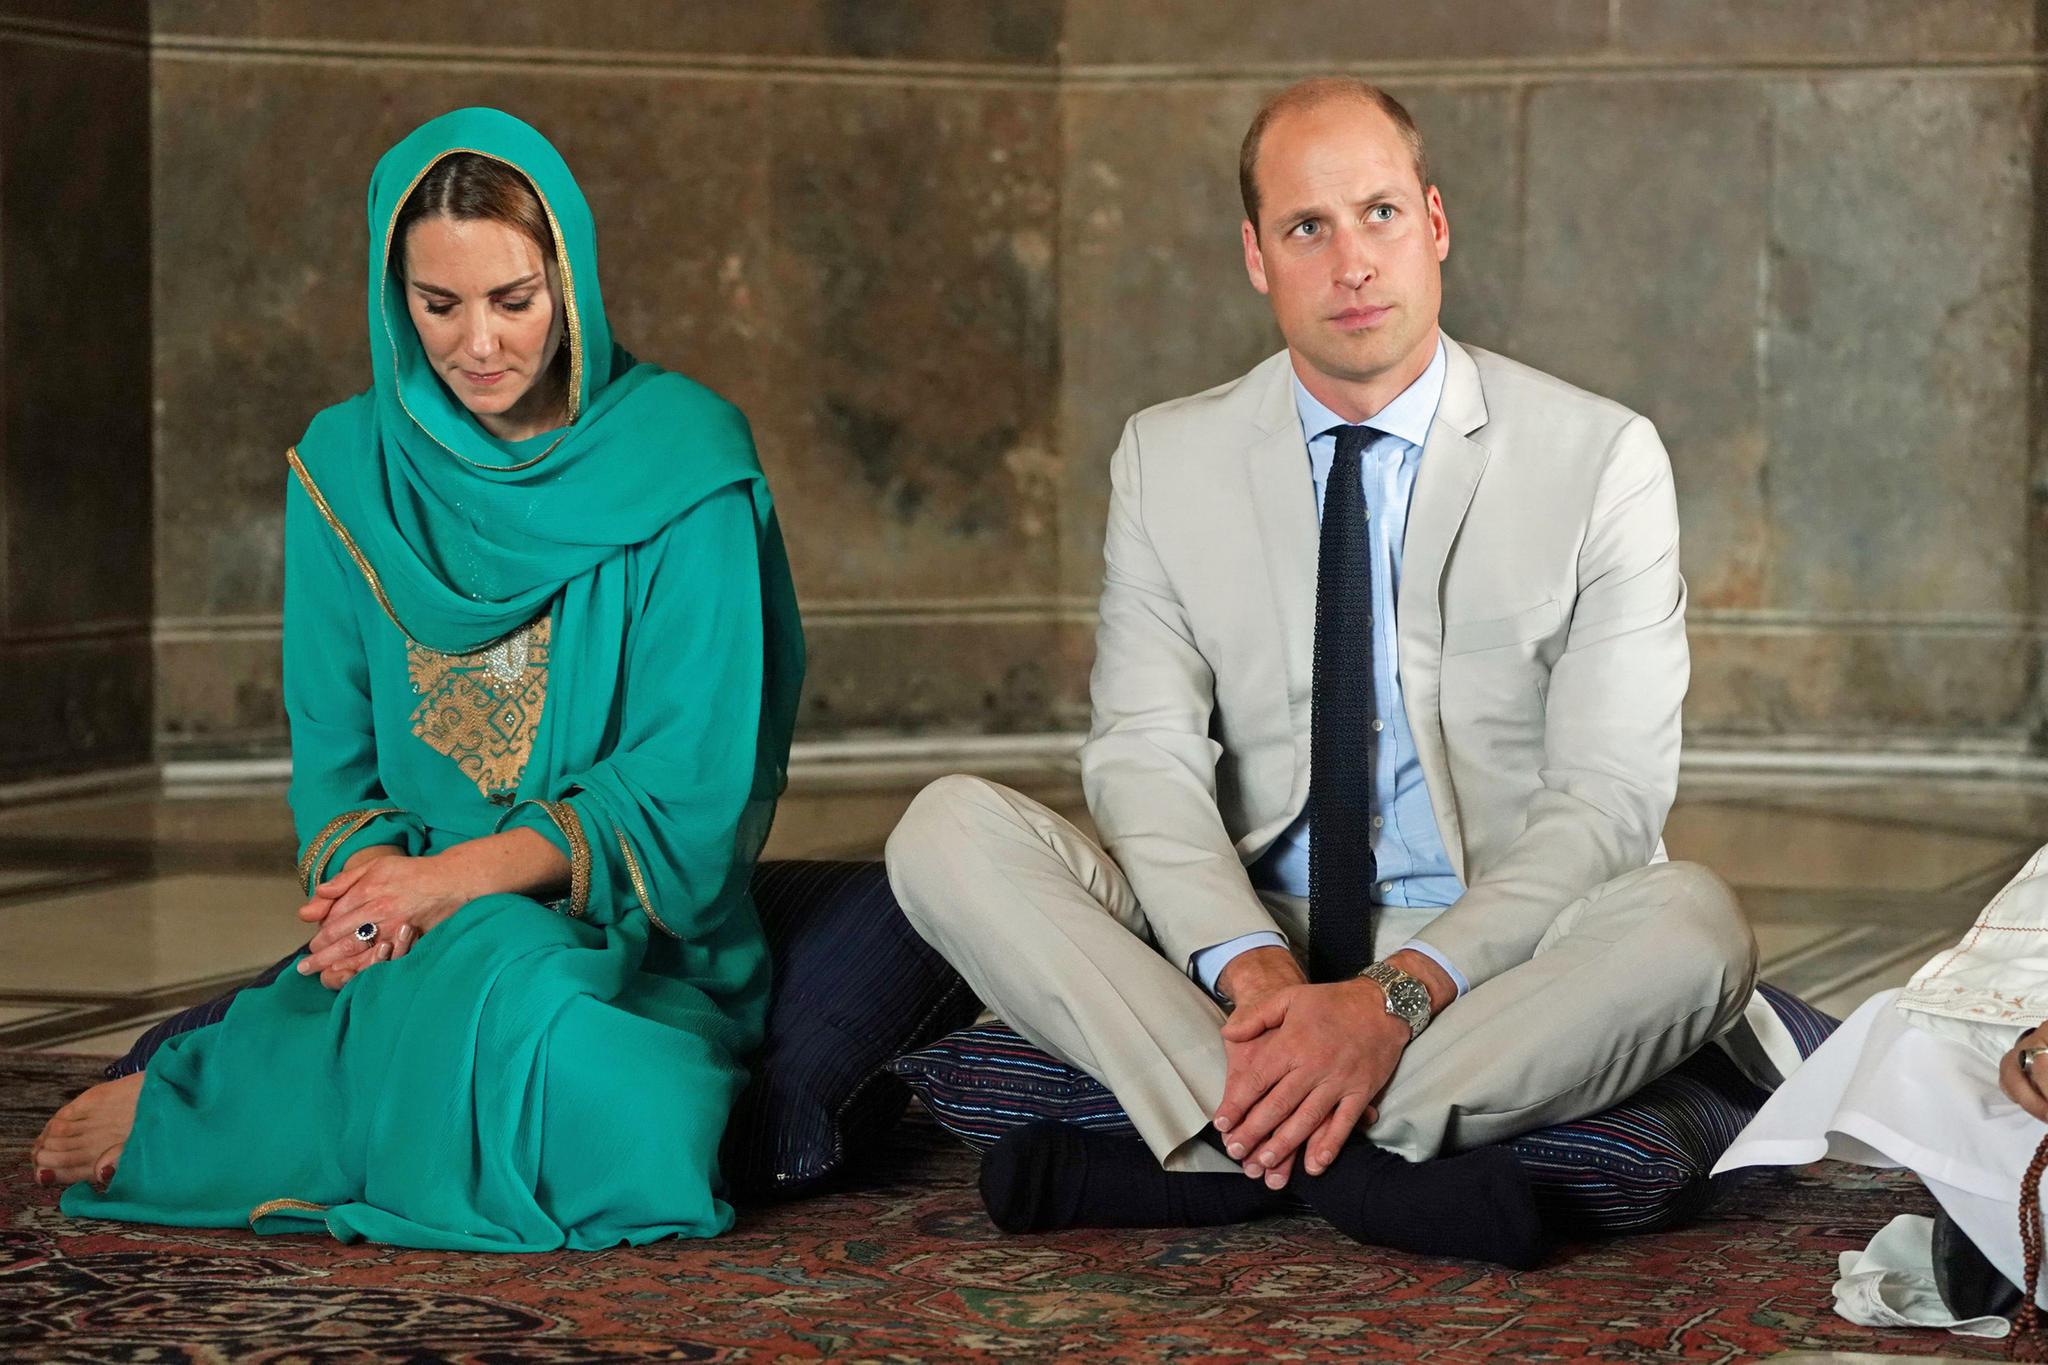 Herzogin Catherine und Prinz William sitzen auf Kissen und ohne Schuhe in der Moschee in Lahore, Pakistan.